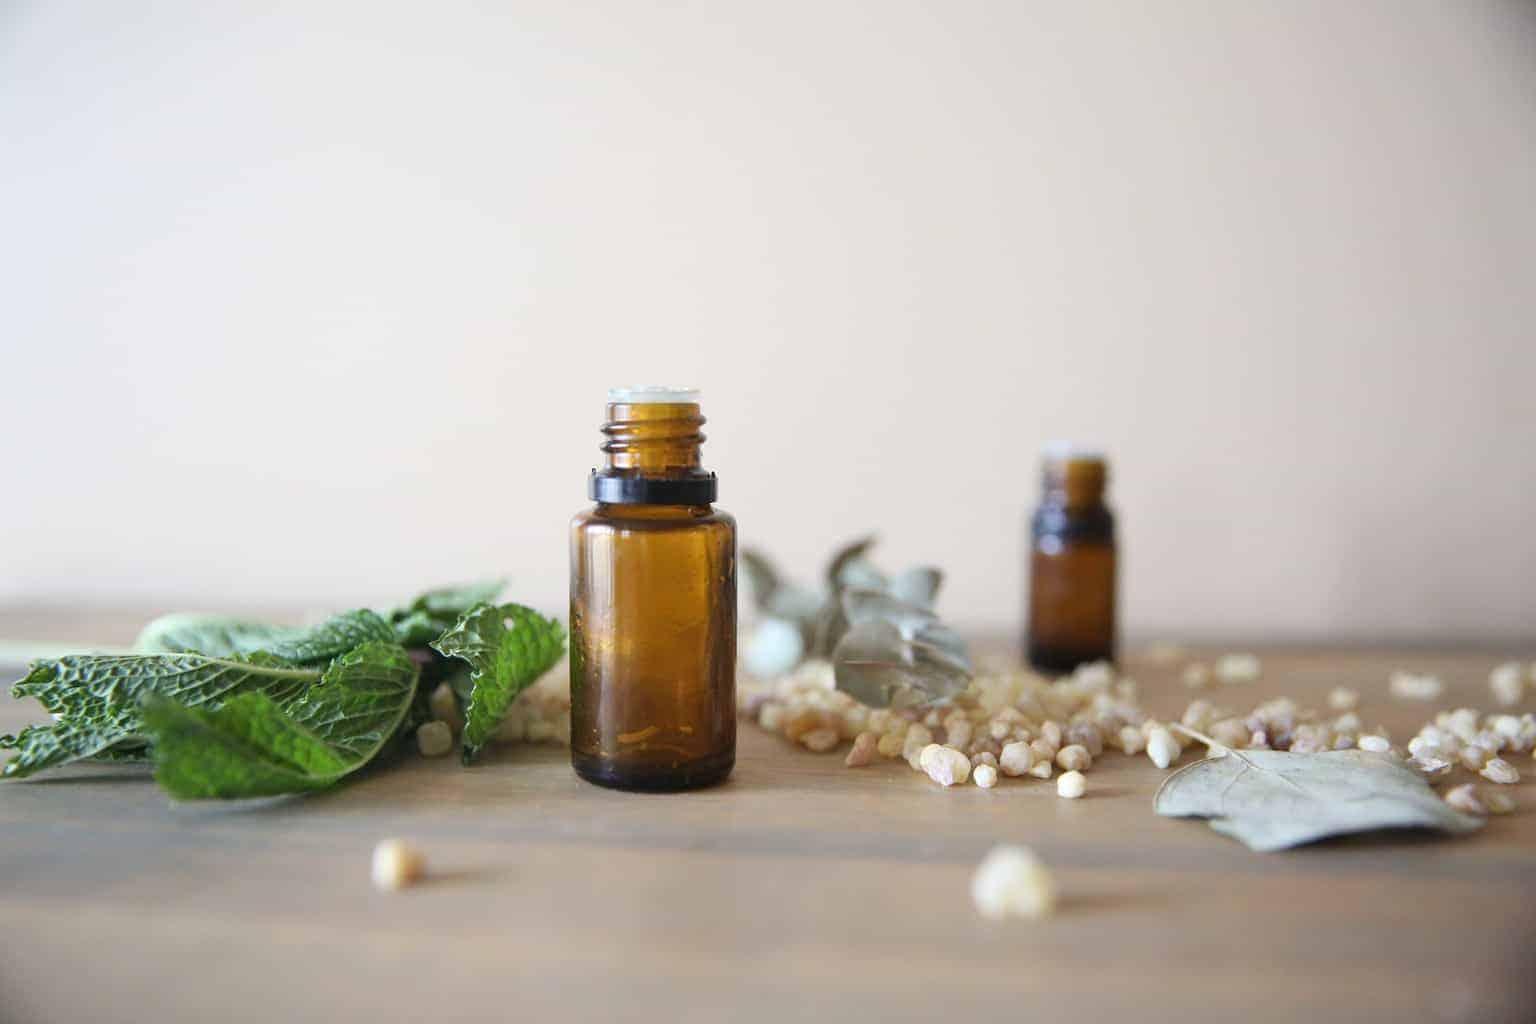 Myrrh oil bottles on wooden table.